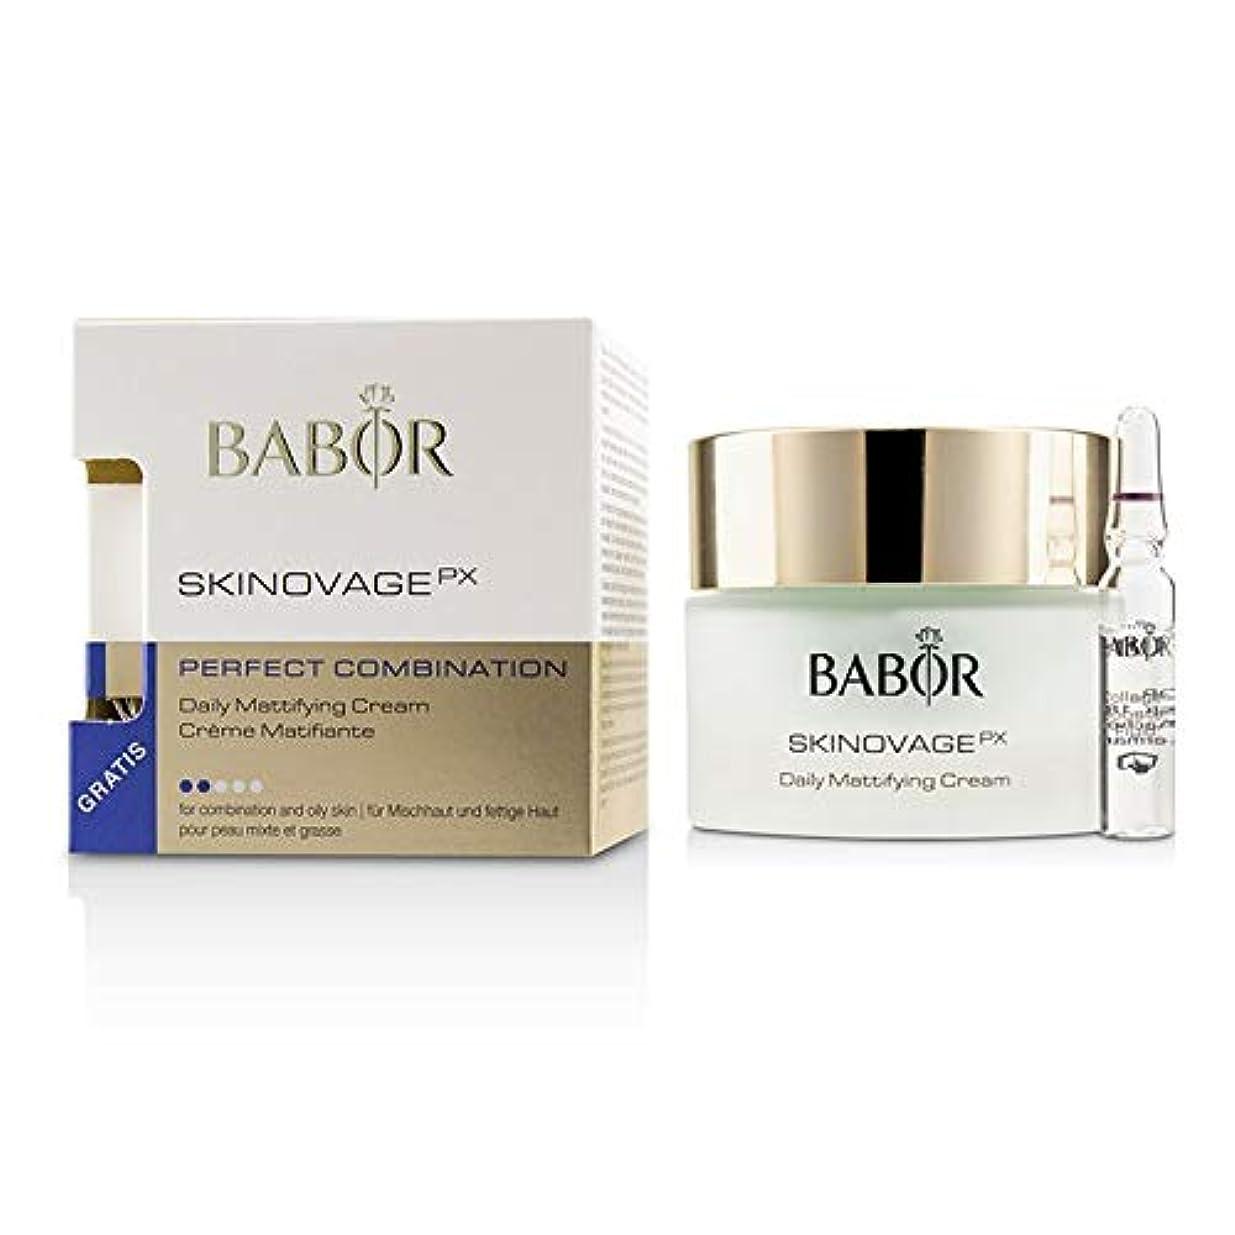 世界記録のギネスブック恐れおんどりバボール Skinovage PX Perfect Combination Daily Mattifying Cream (with Free Collagen Booster Fluid 2ml) - For Combination...